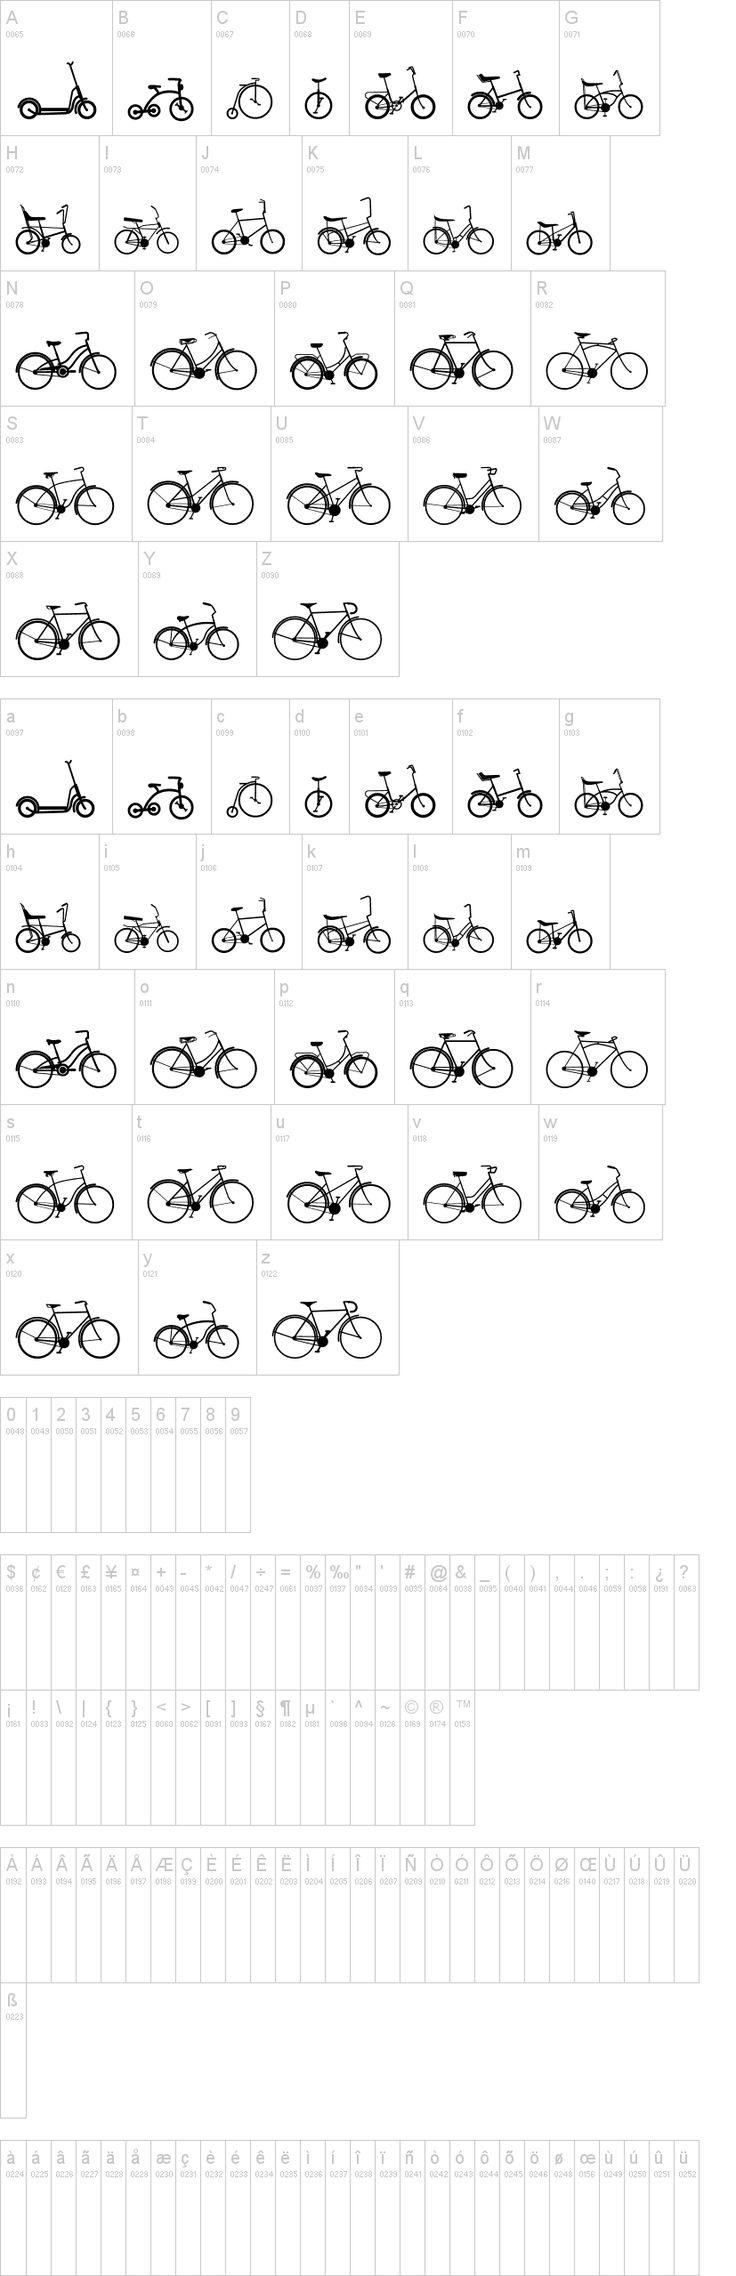 Sepeda Dingbats Font | dafont.com  | bikes galore!